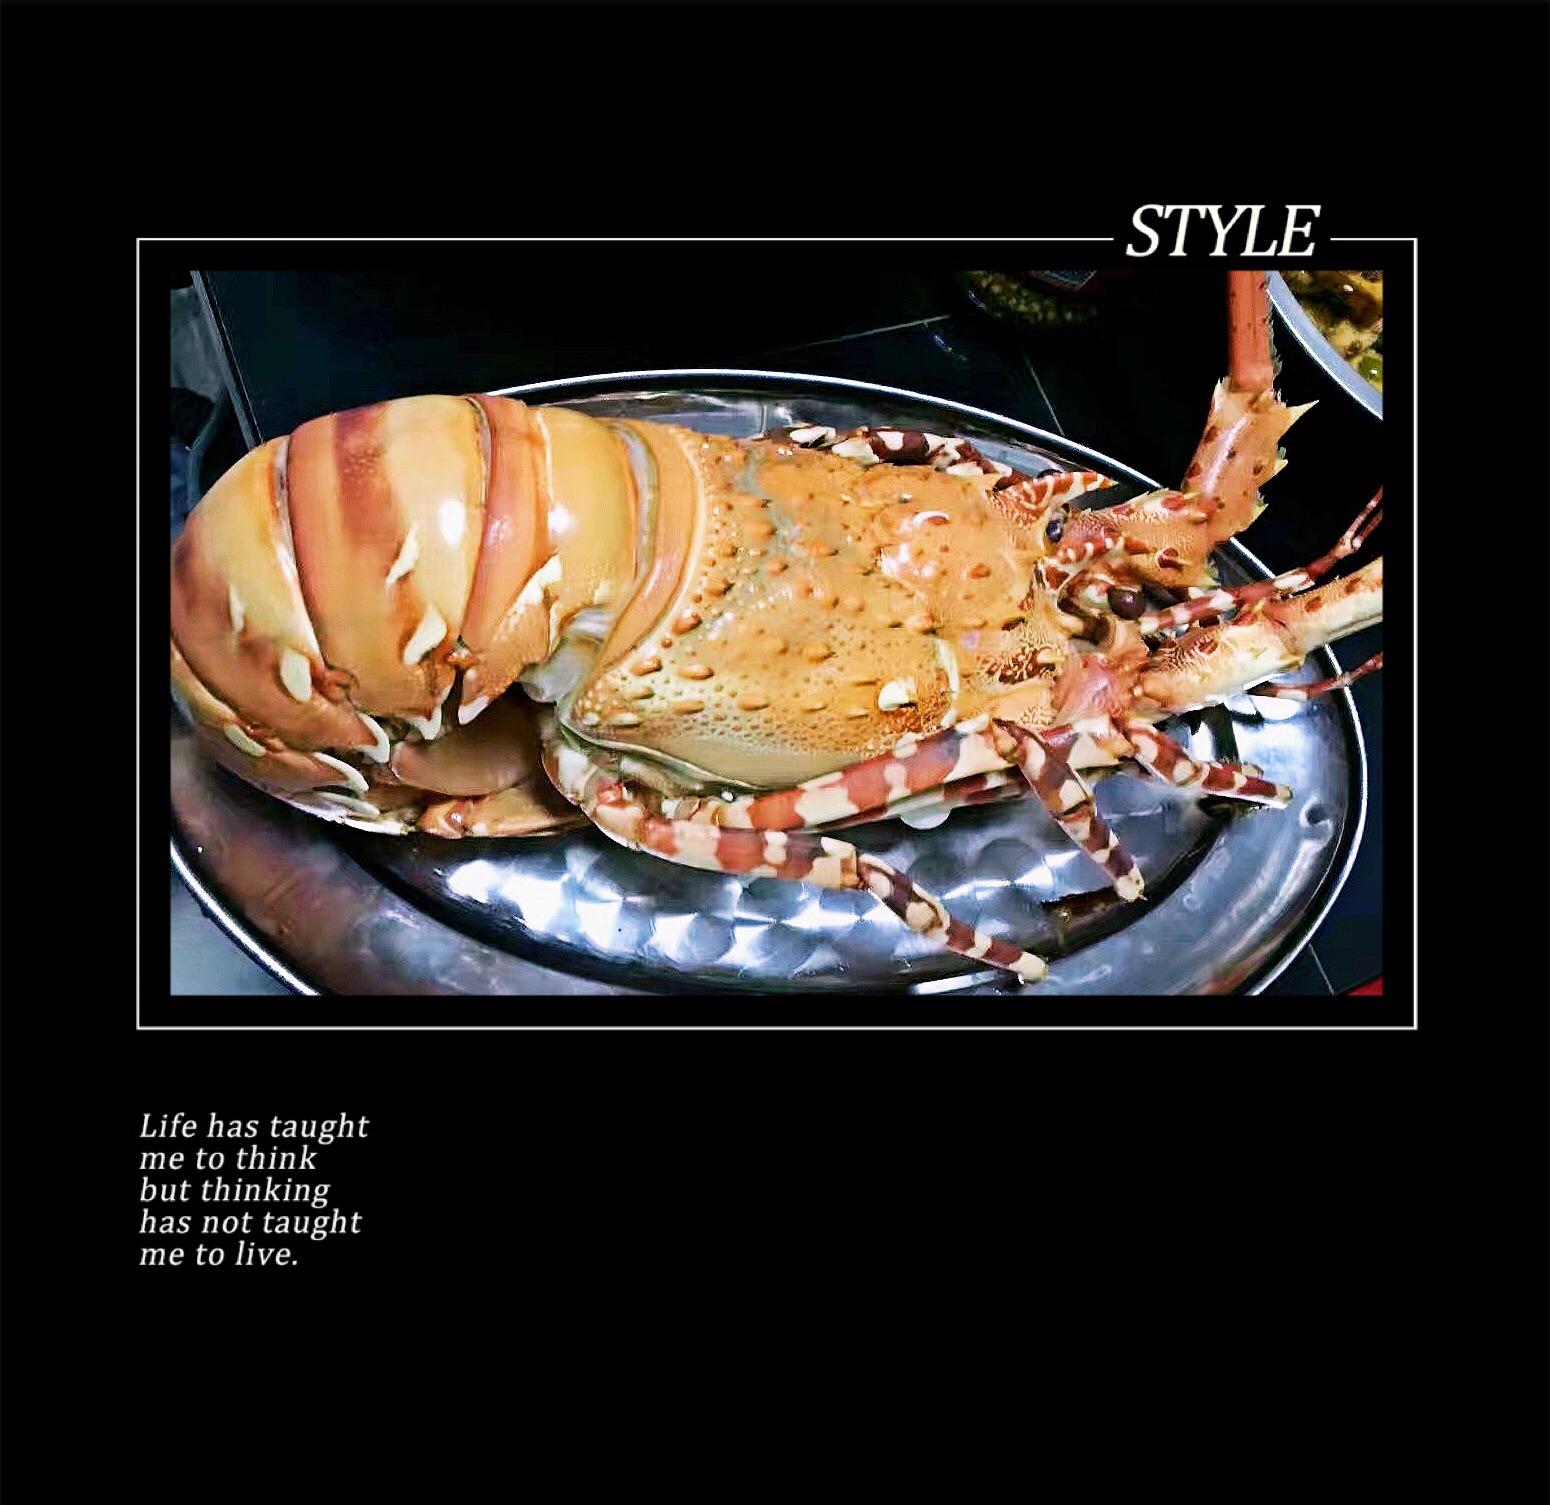 龙虾营养价值高,尤其澳洲大龙虾。上网搜了一下,其肉质松软,易消化,对身体虚弱以及病后需要调养的人是极好的食物。虾肉含有丰富的镁,能很好的保护心血管系统,它可减少血液中胆固醇含量,防止动脉硬化,同时还能扩张冠状动脉,有利于预防高血压及心肌梗死;澳洲龙虾的通乳作用较强,并且富含磷、钙、对小儿、孕妇尤有补益功效;日本大阪大学的科学家发现,澳洲龙虾体内的虾青素有助于消除因时差反应而产生的时差症。 清蒸最能保持住它的营养成分使其不流失,就是价格略贵。当然价格贵也是有理由的,因为其实真正的龙虾是没有大钳子的,比如澳